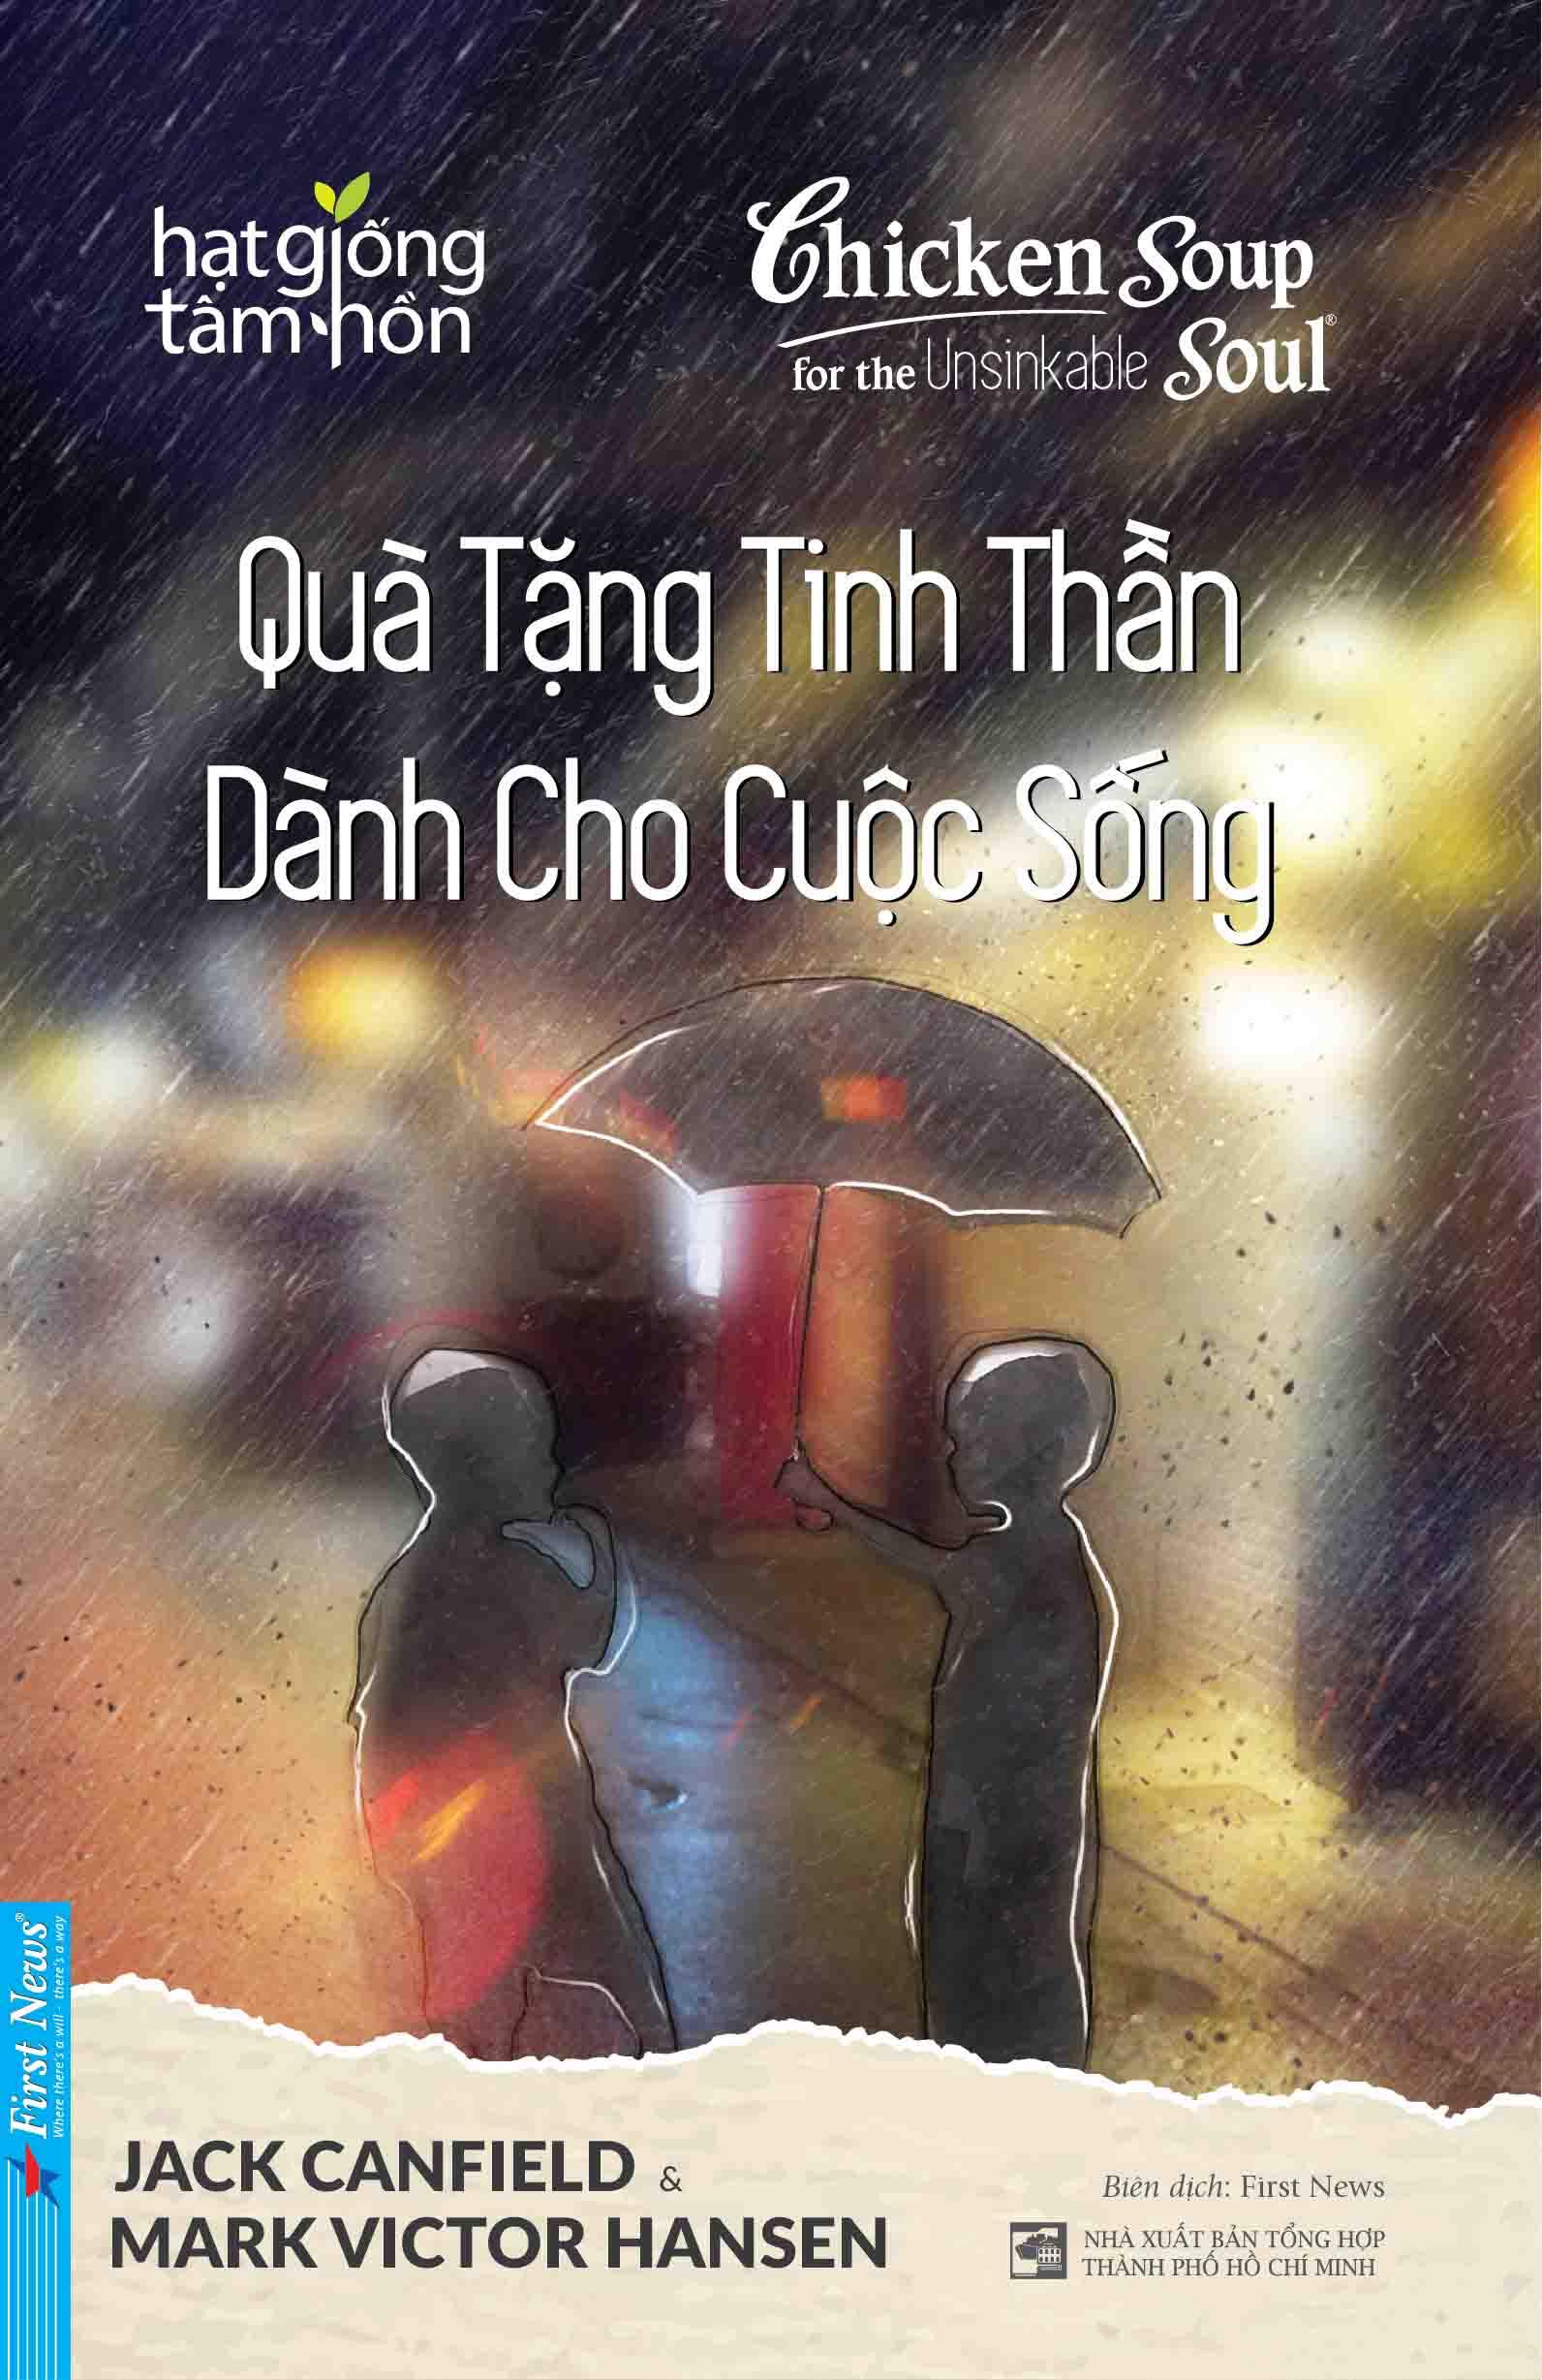 CHICKEN SOUP FOR THE RECOVERING SOUL - QUÀ TẶNG TINH THẦN DÀNH CHO CUỘC SỐNG